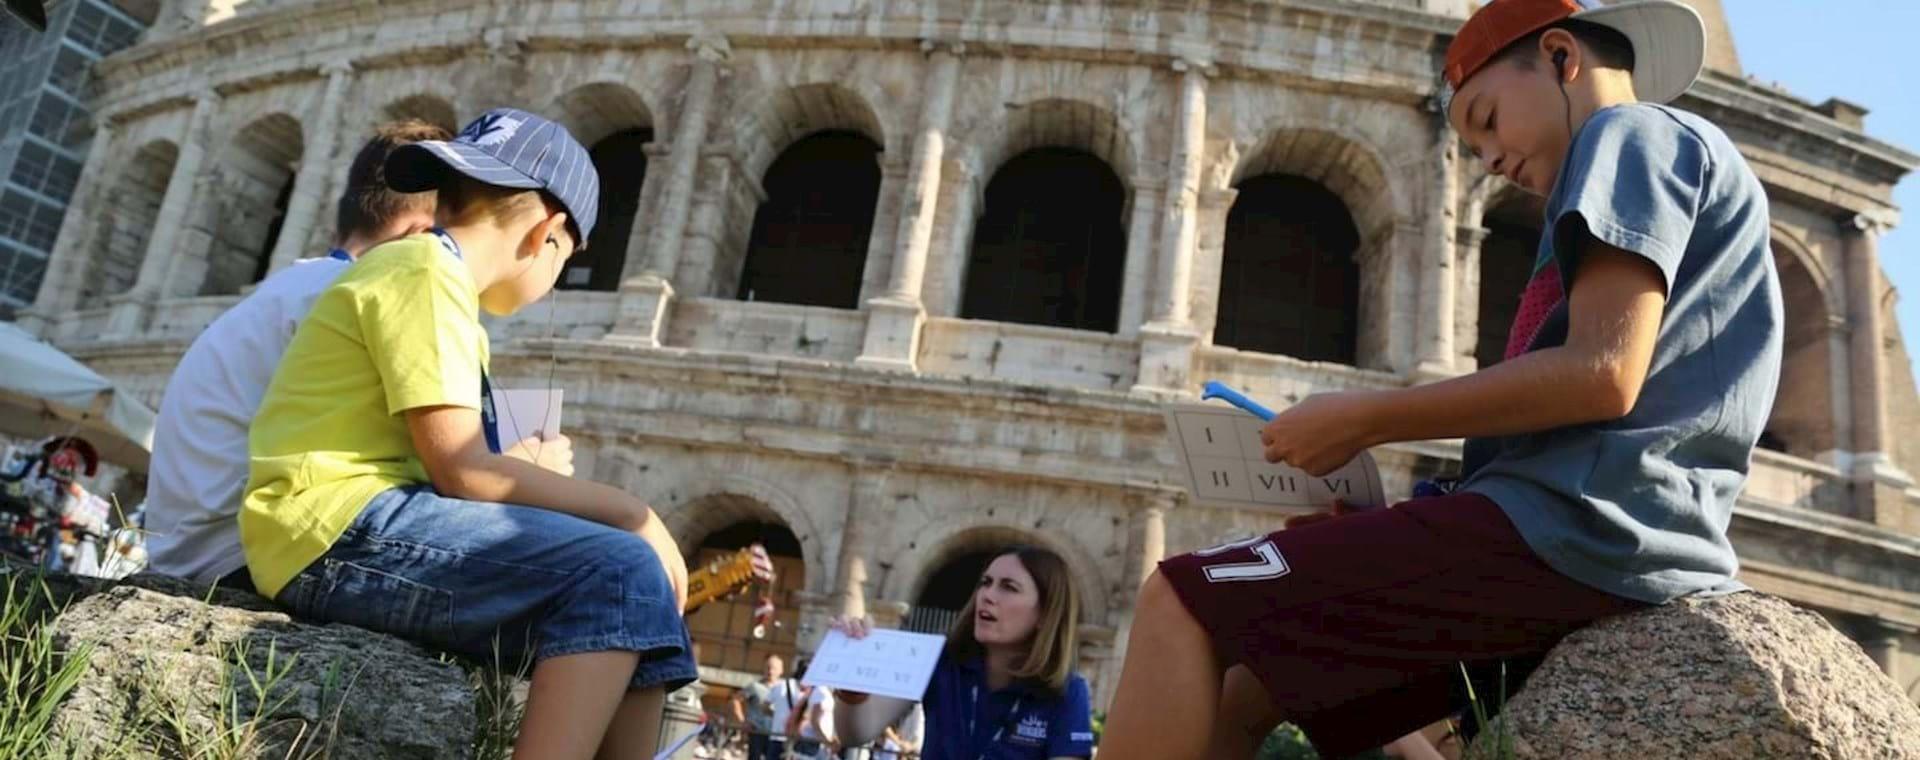 Colosseum & Roman Forum Tour for Kids & Families